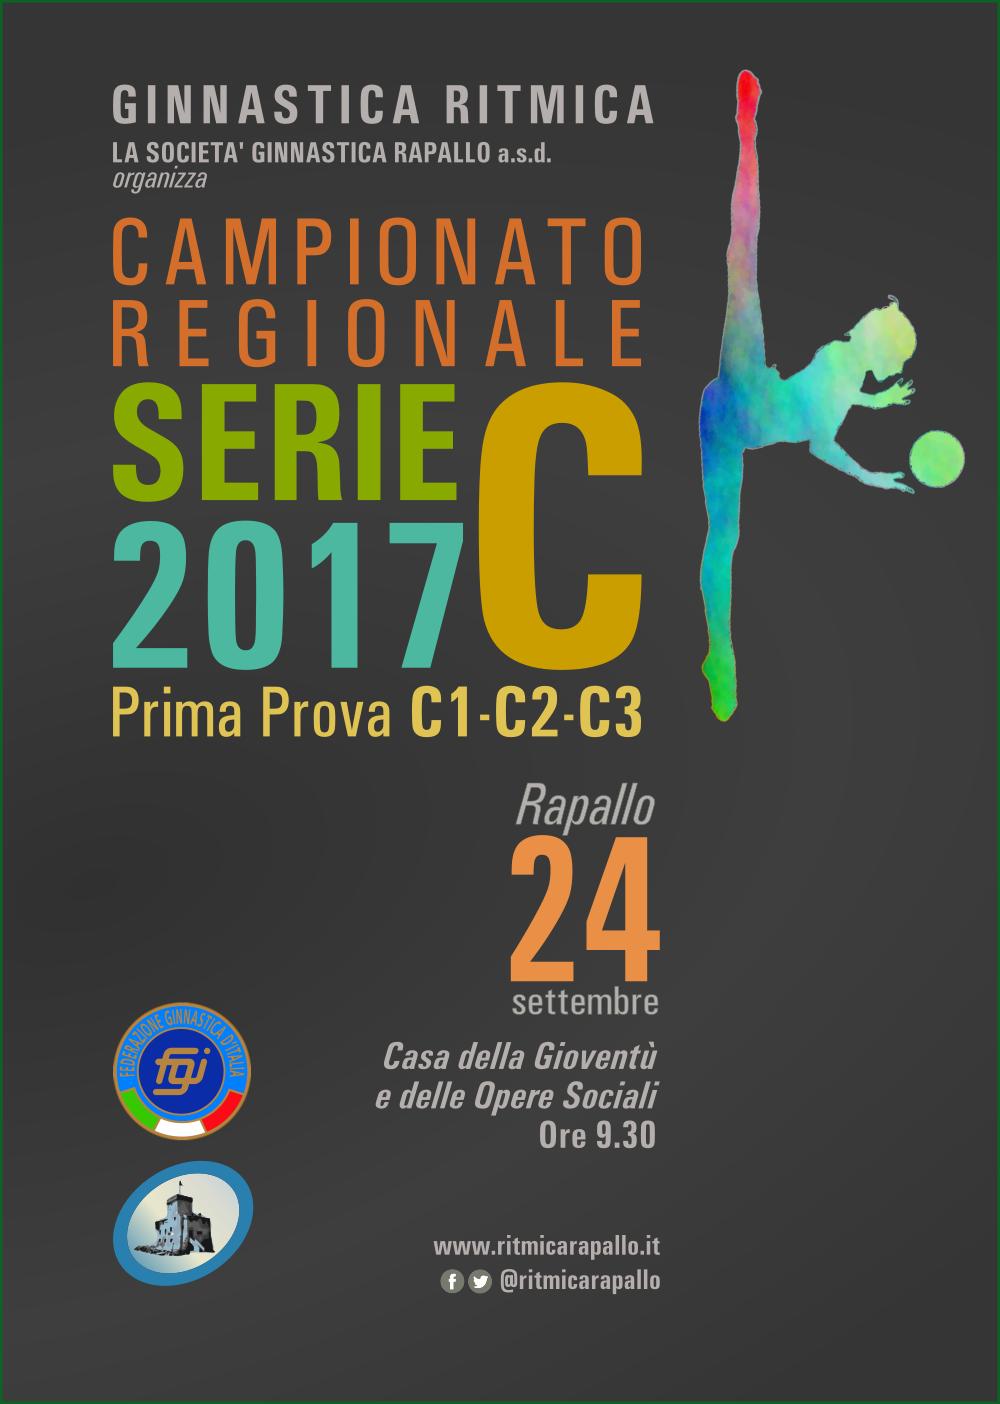 Societ ginnastica rapallo associazione sportiva - Contributo regionale fvg prima casa 2017 ...